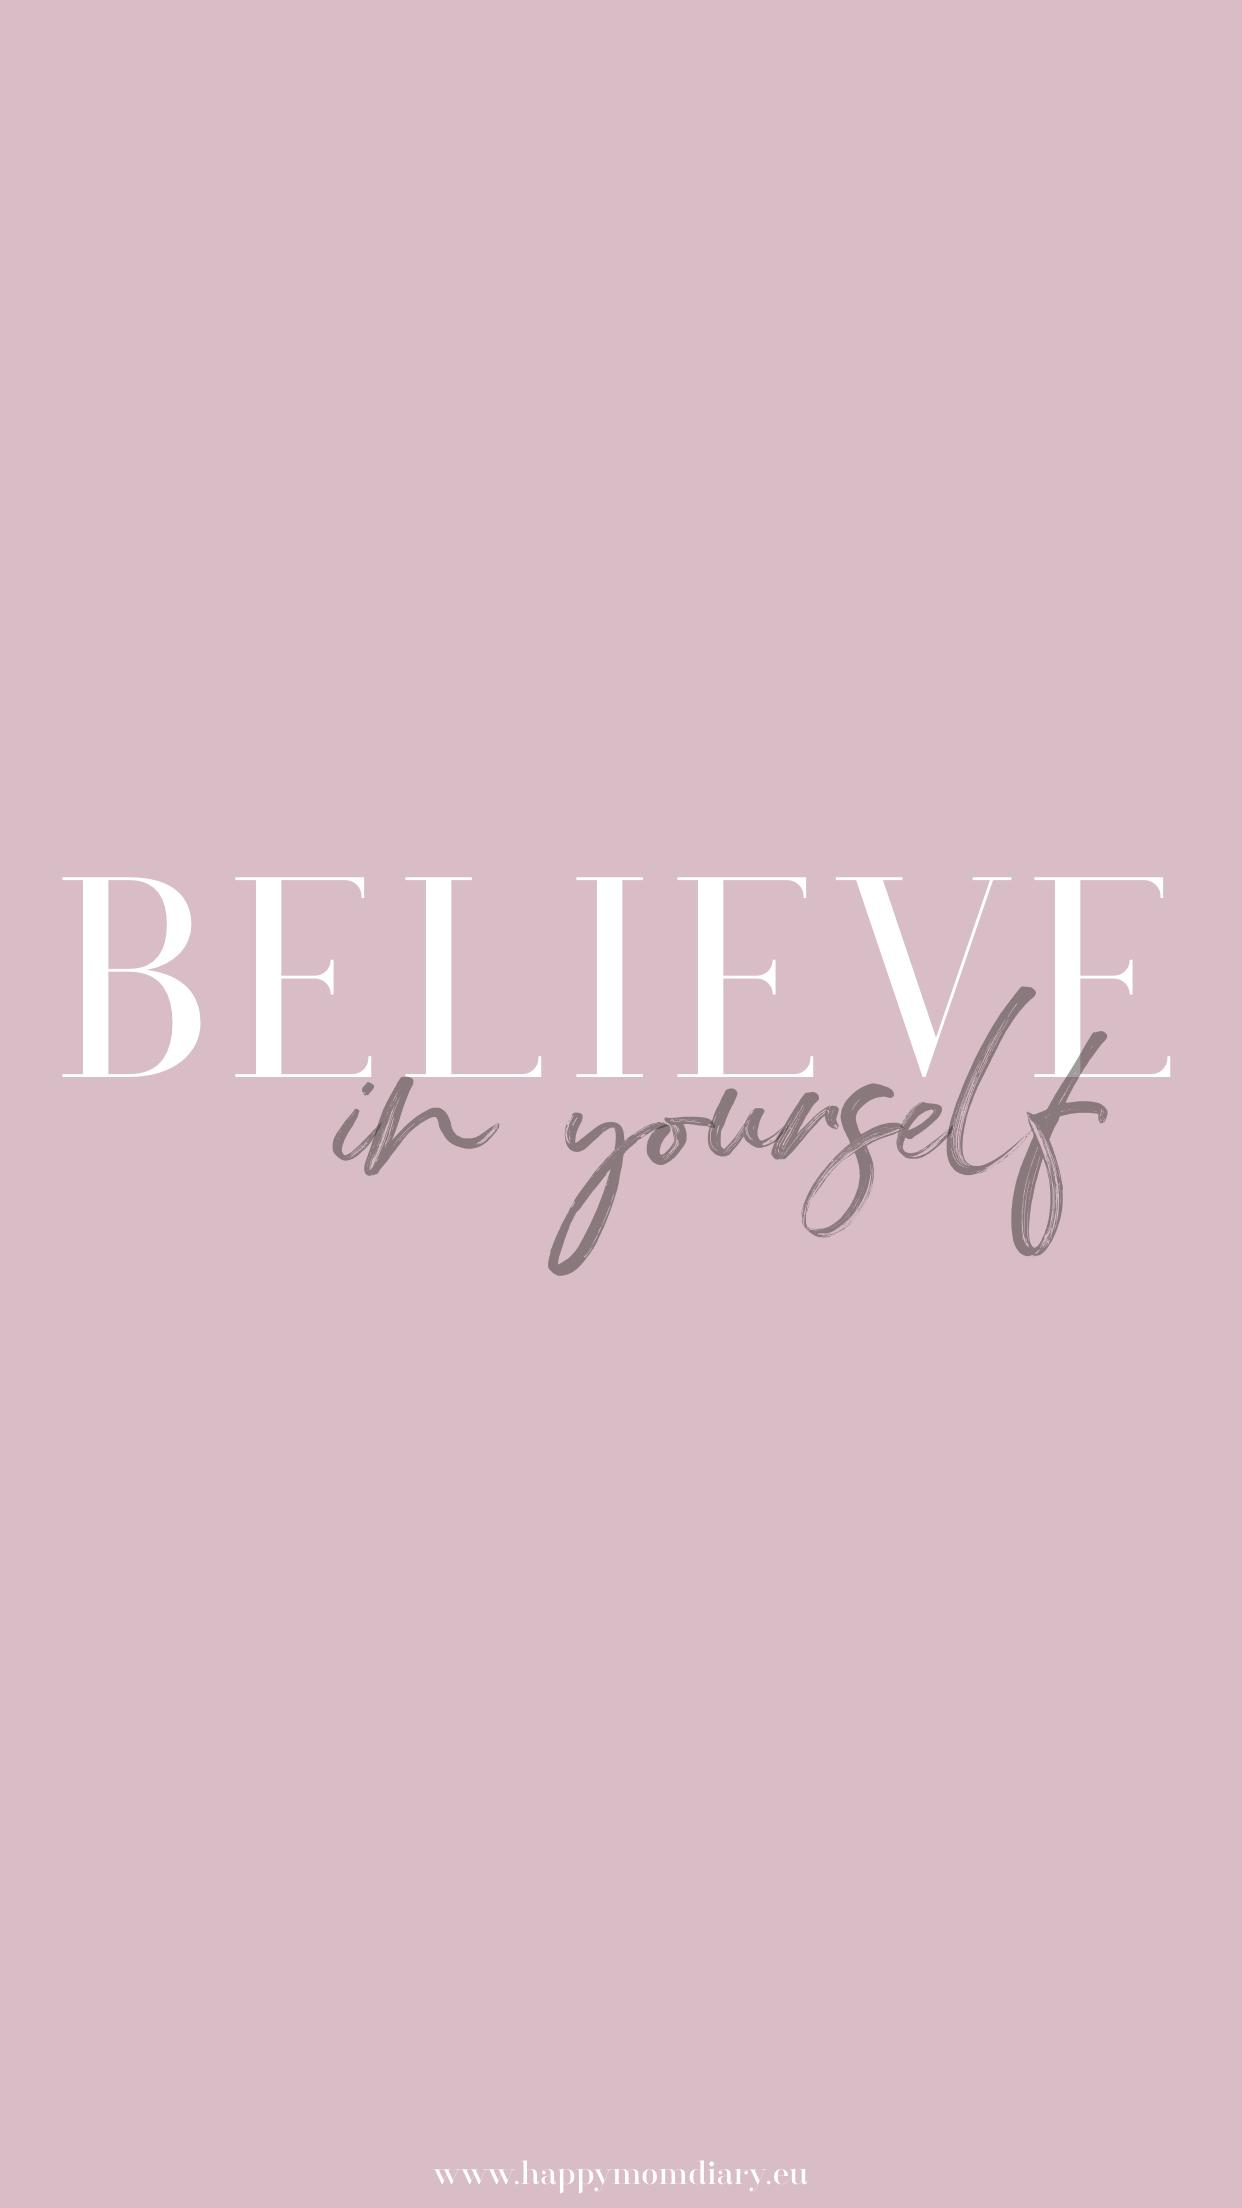 Believe in yourself - Hintergrundbilder für dein Handy